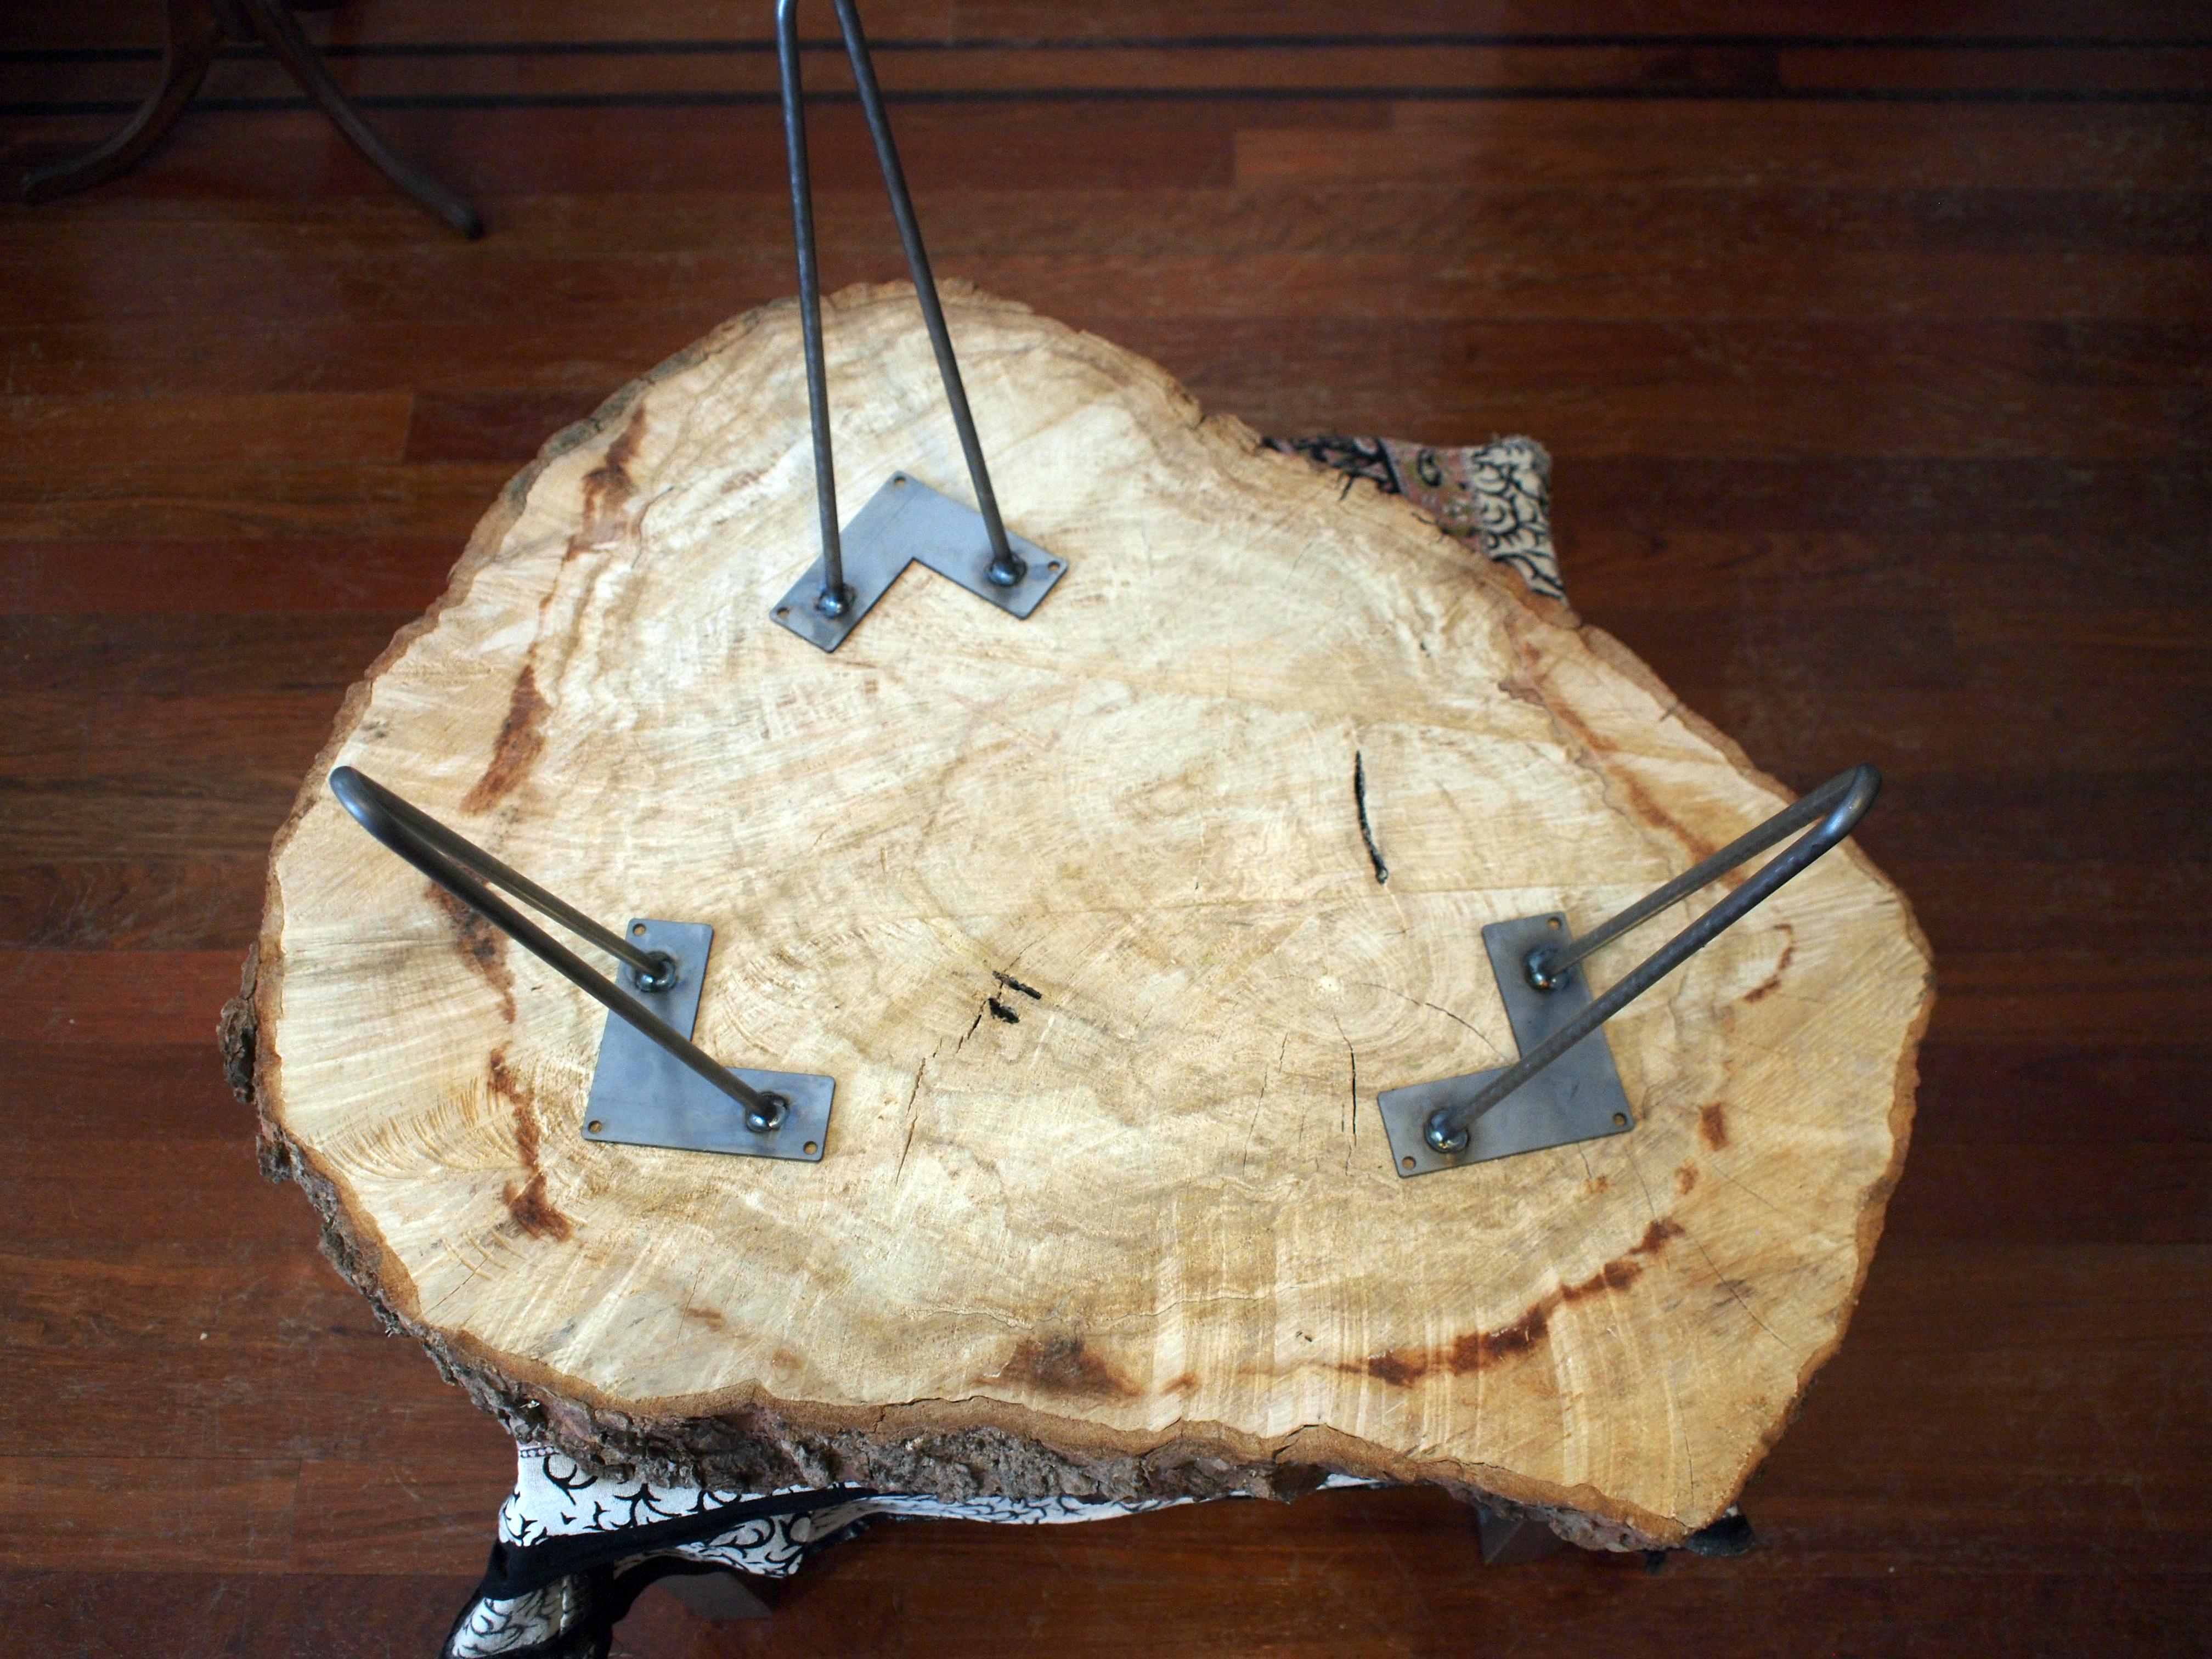 braincrafts_maple-cookie-slab-table-02.jpg